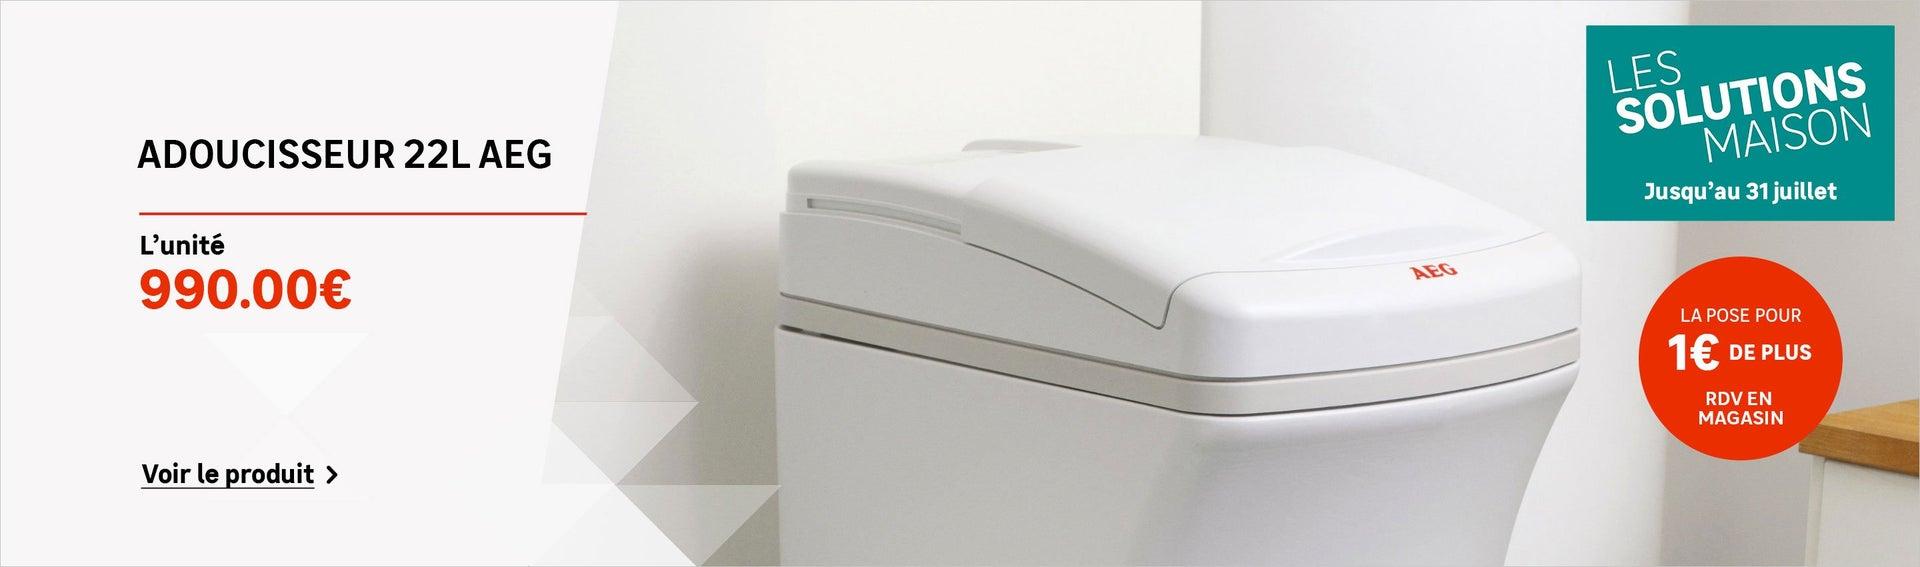 traitement de l 39 eau et adoucisseur chauffage plomberie leroy merlin. Black Bedroom Furniture Sets. Home Design Ideas